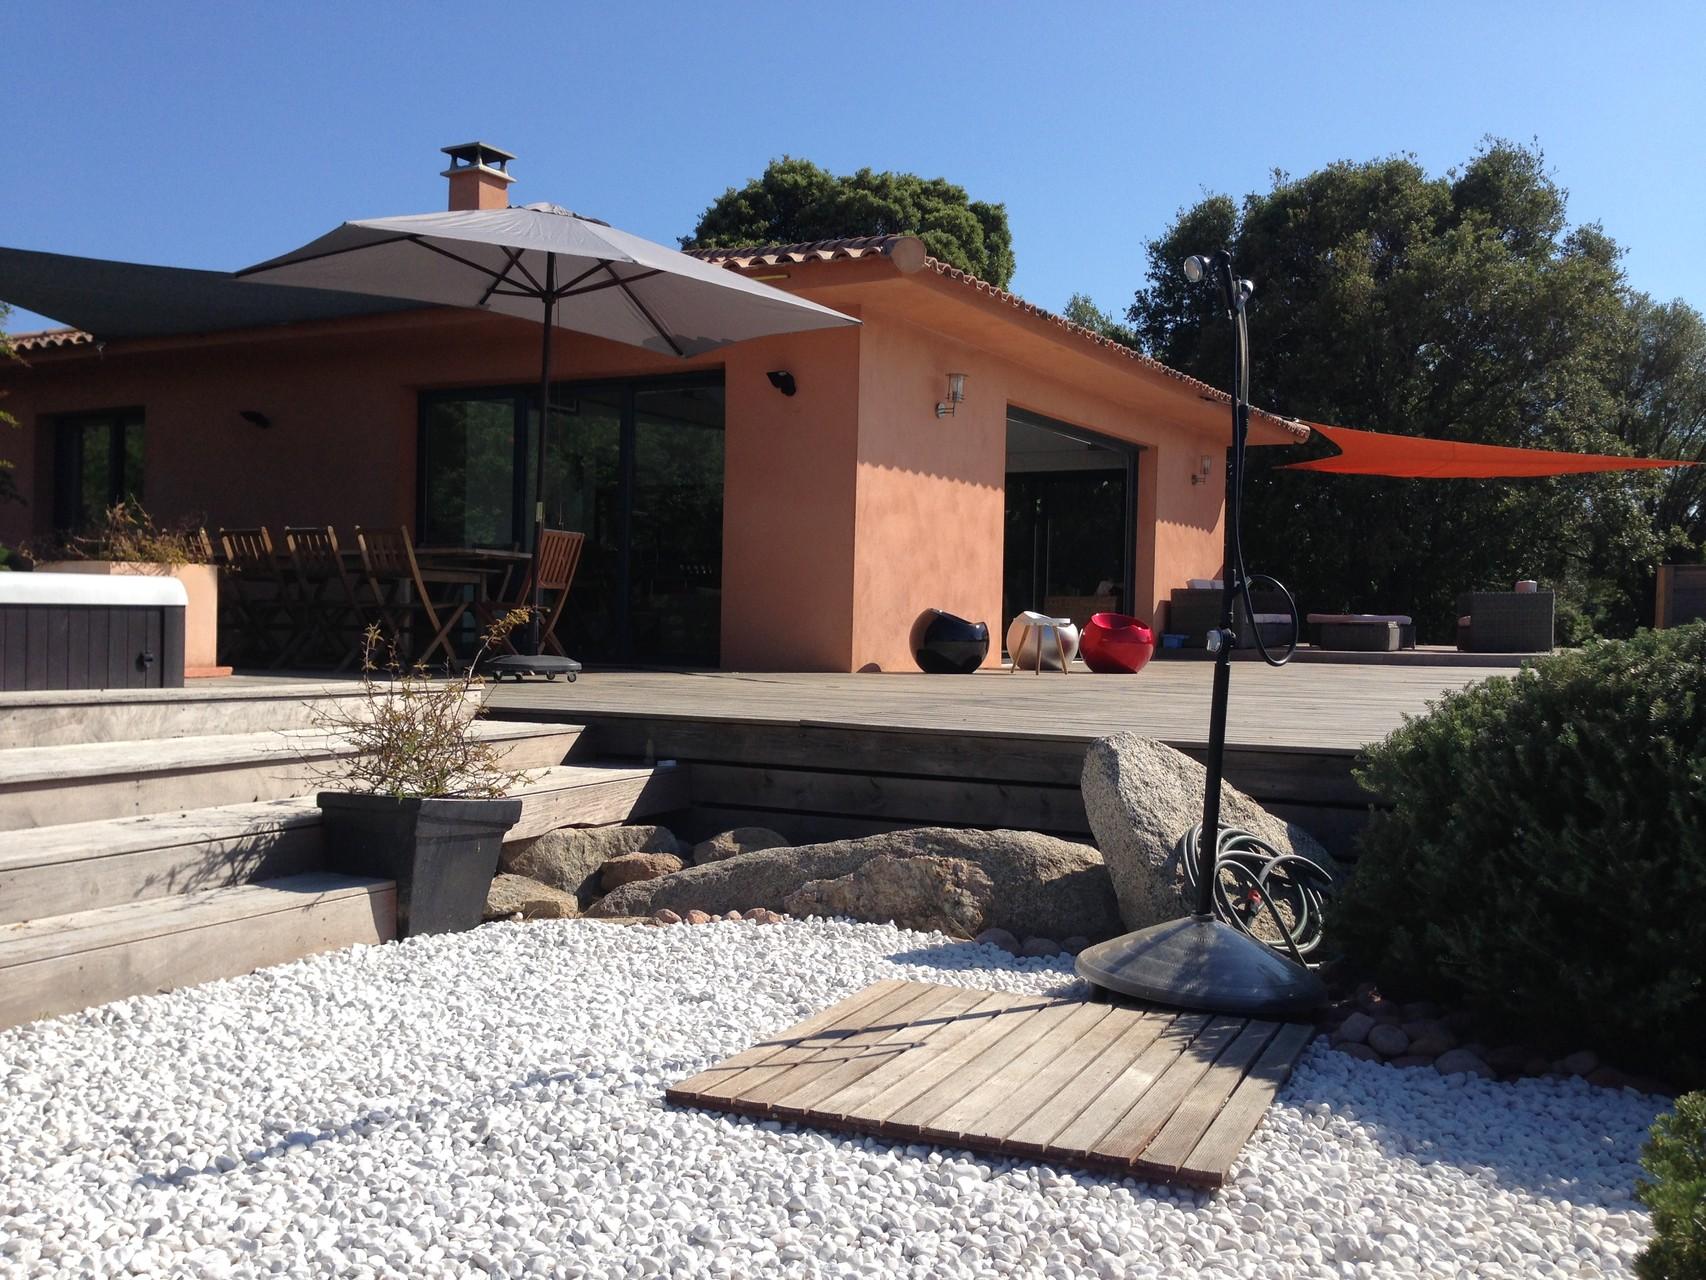 Location villa corse du sud avec piscine chauff e spa for Camping sud de la corse avec piscine